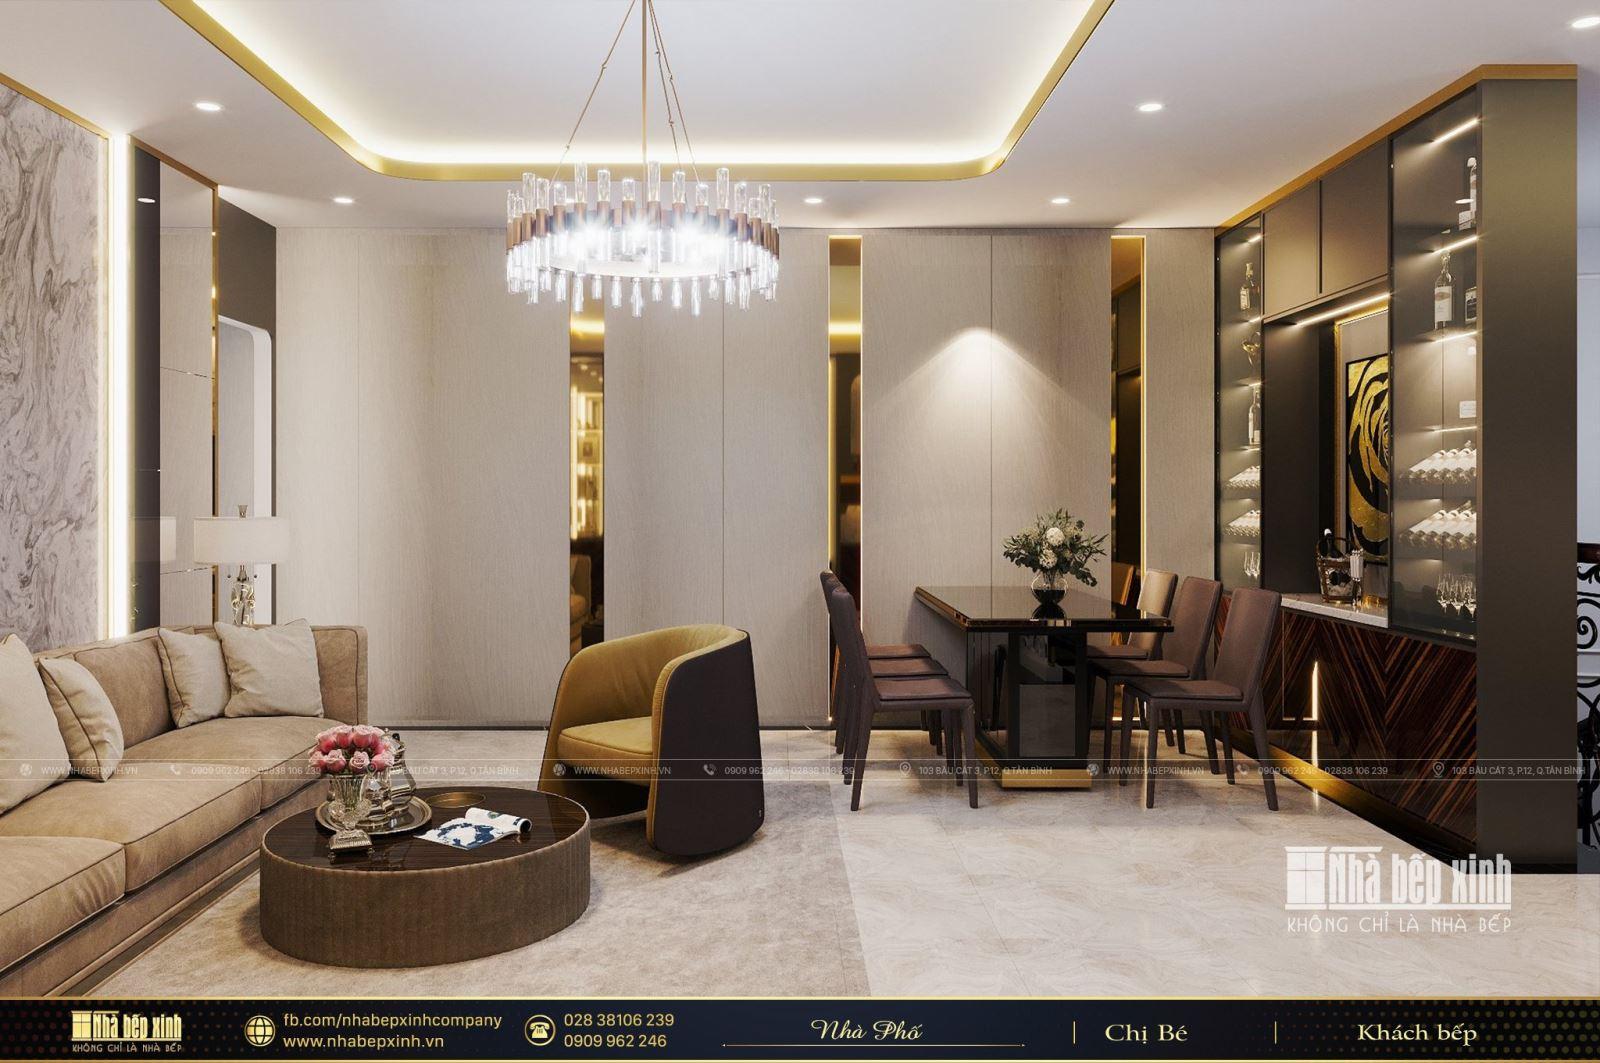 Ngắm nhìn mẫu thiết kế nội thất nhà phố cao cấp tại Cần Thơ